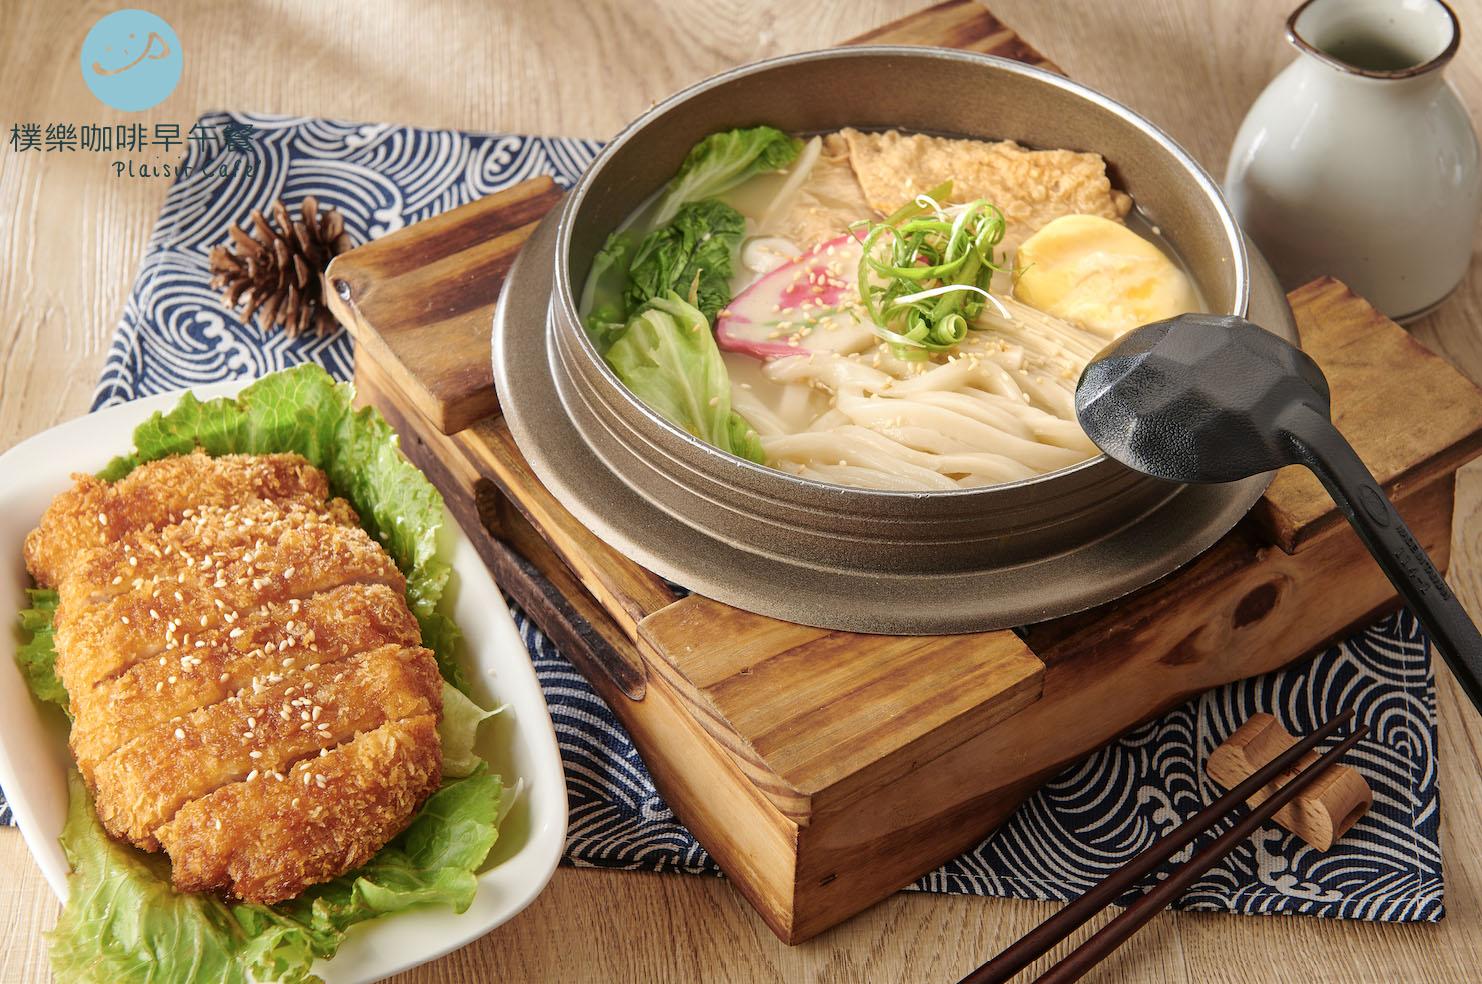 plaisir-cafe-udon-noodles